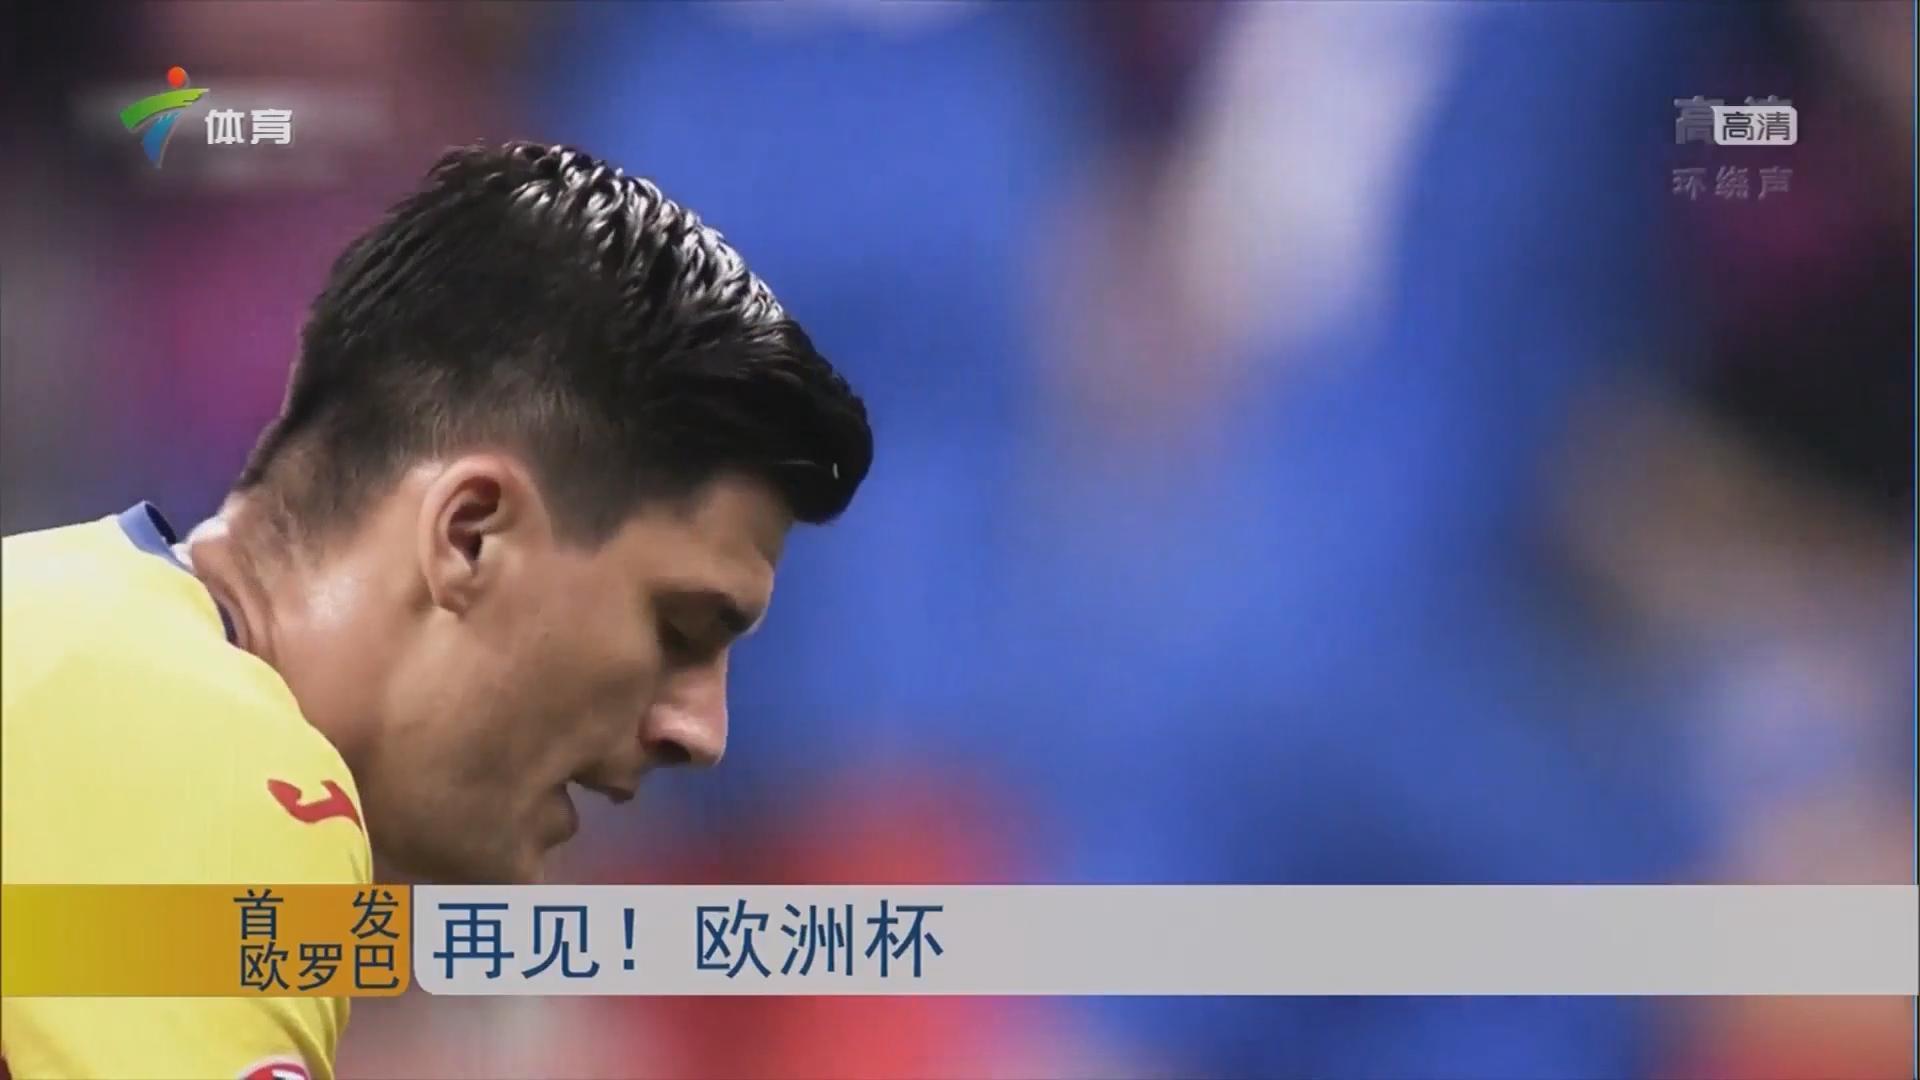 再见!欧洲杯